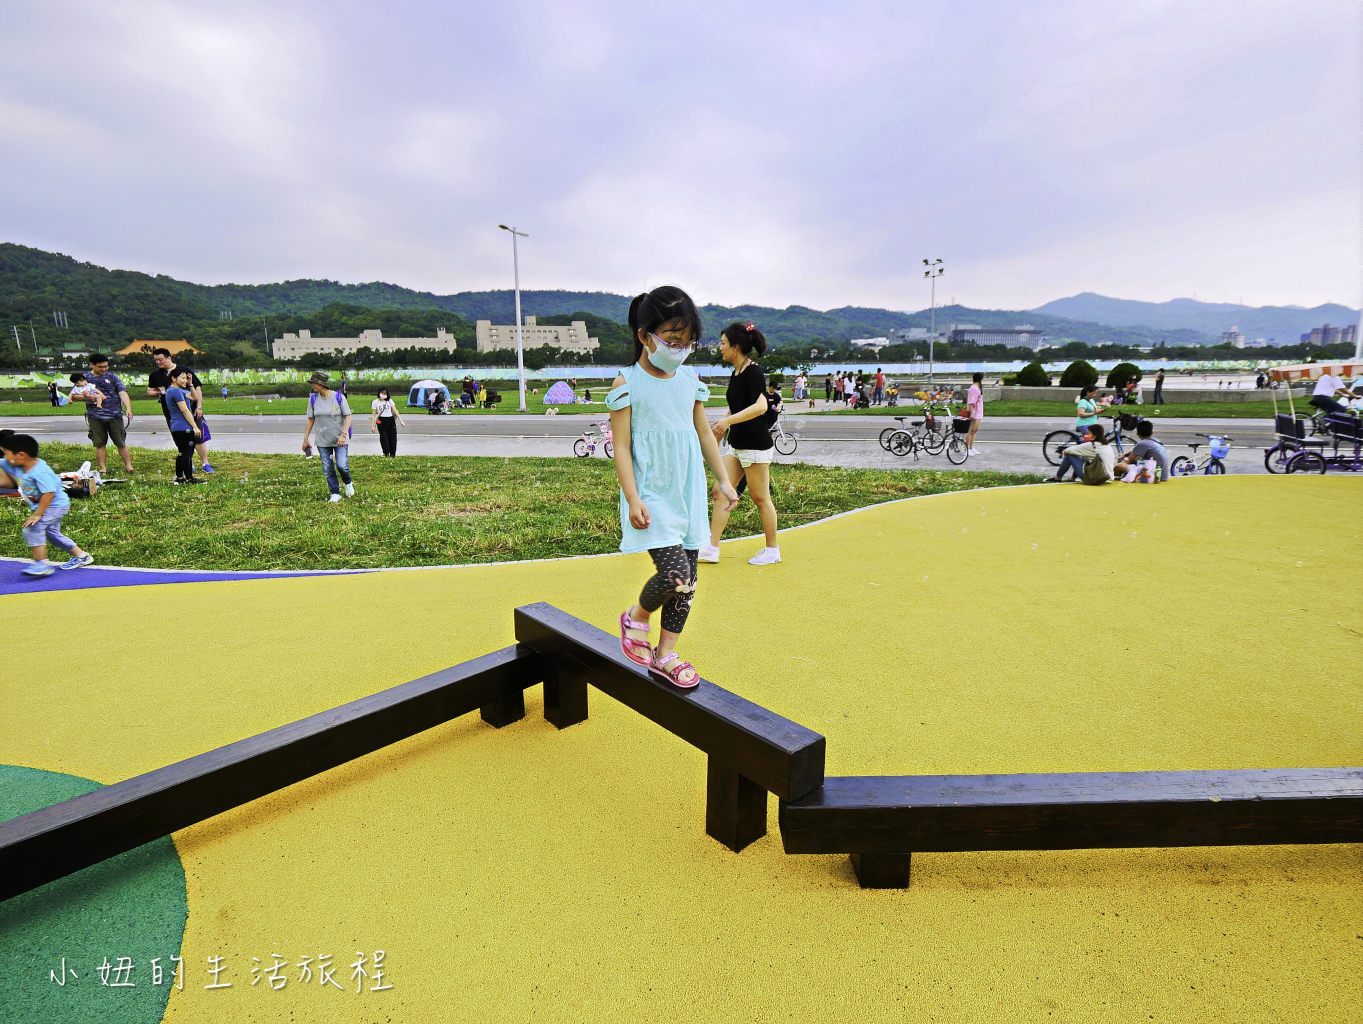 大佳河濱公園-39.jpg